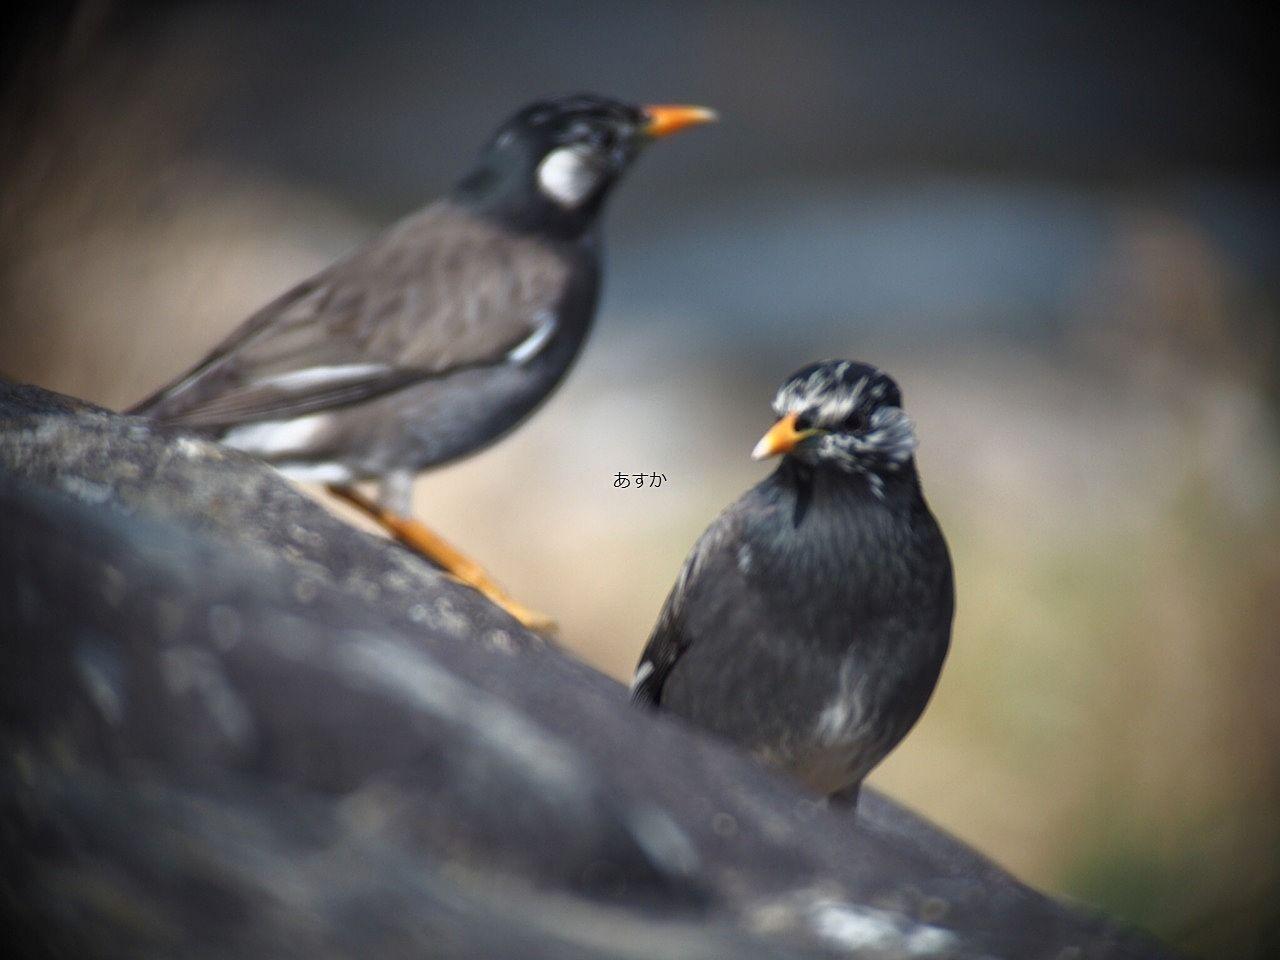 ムクドリの成鳥